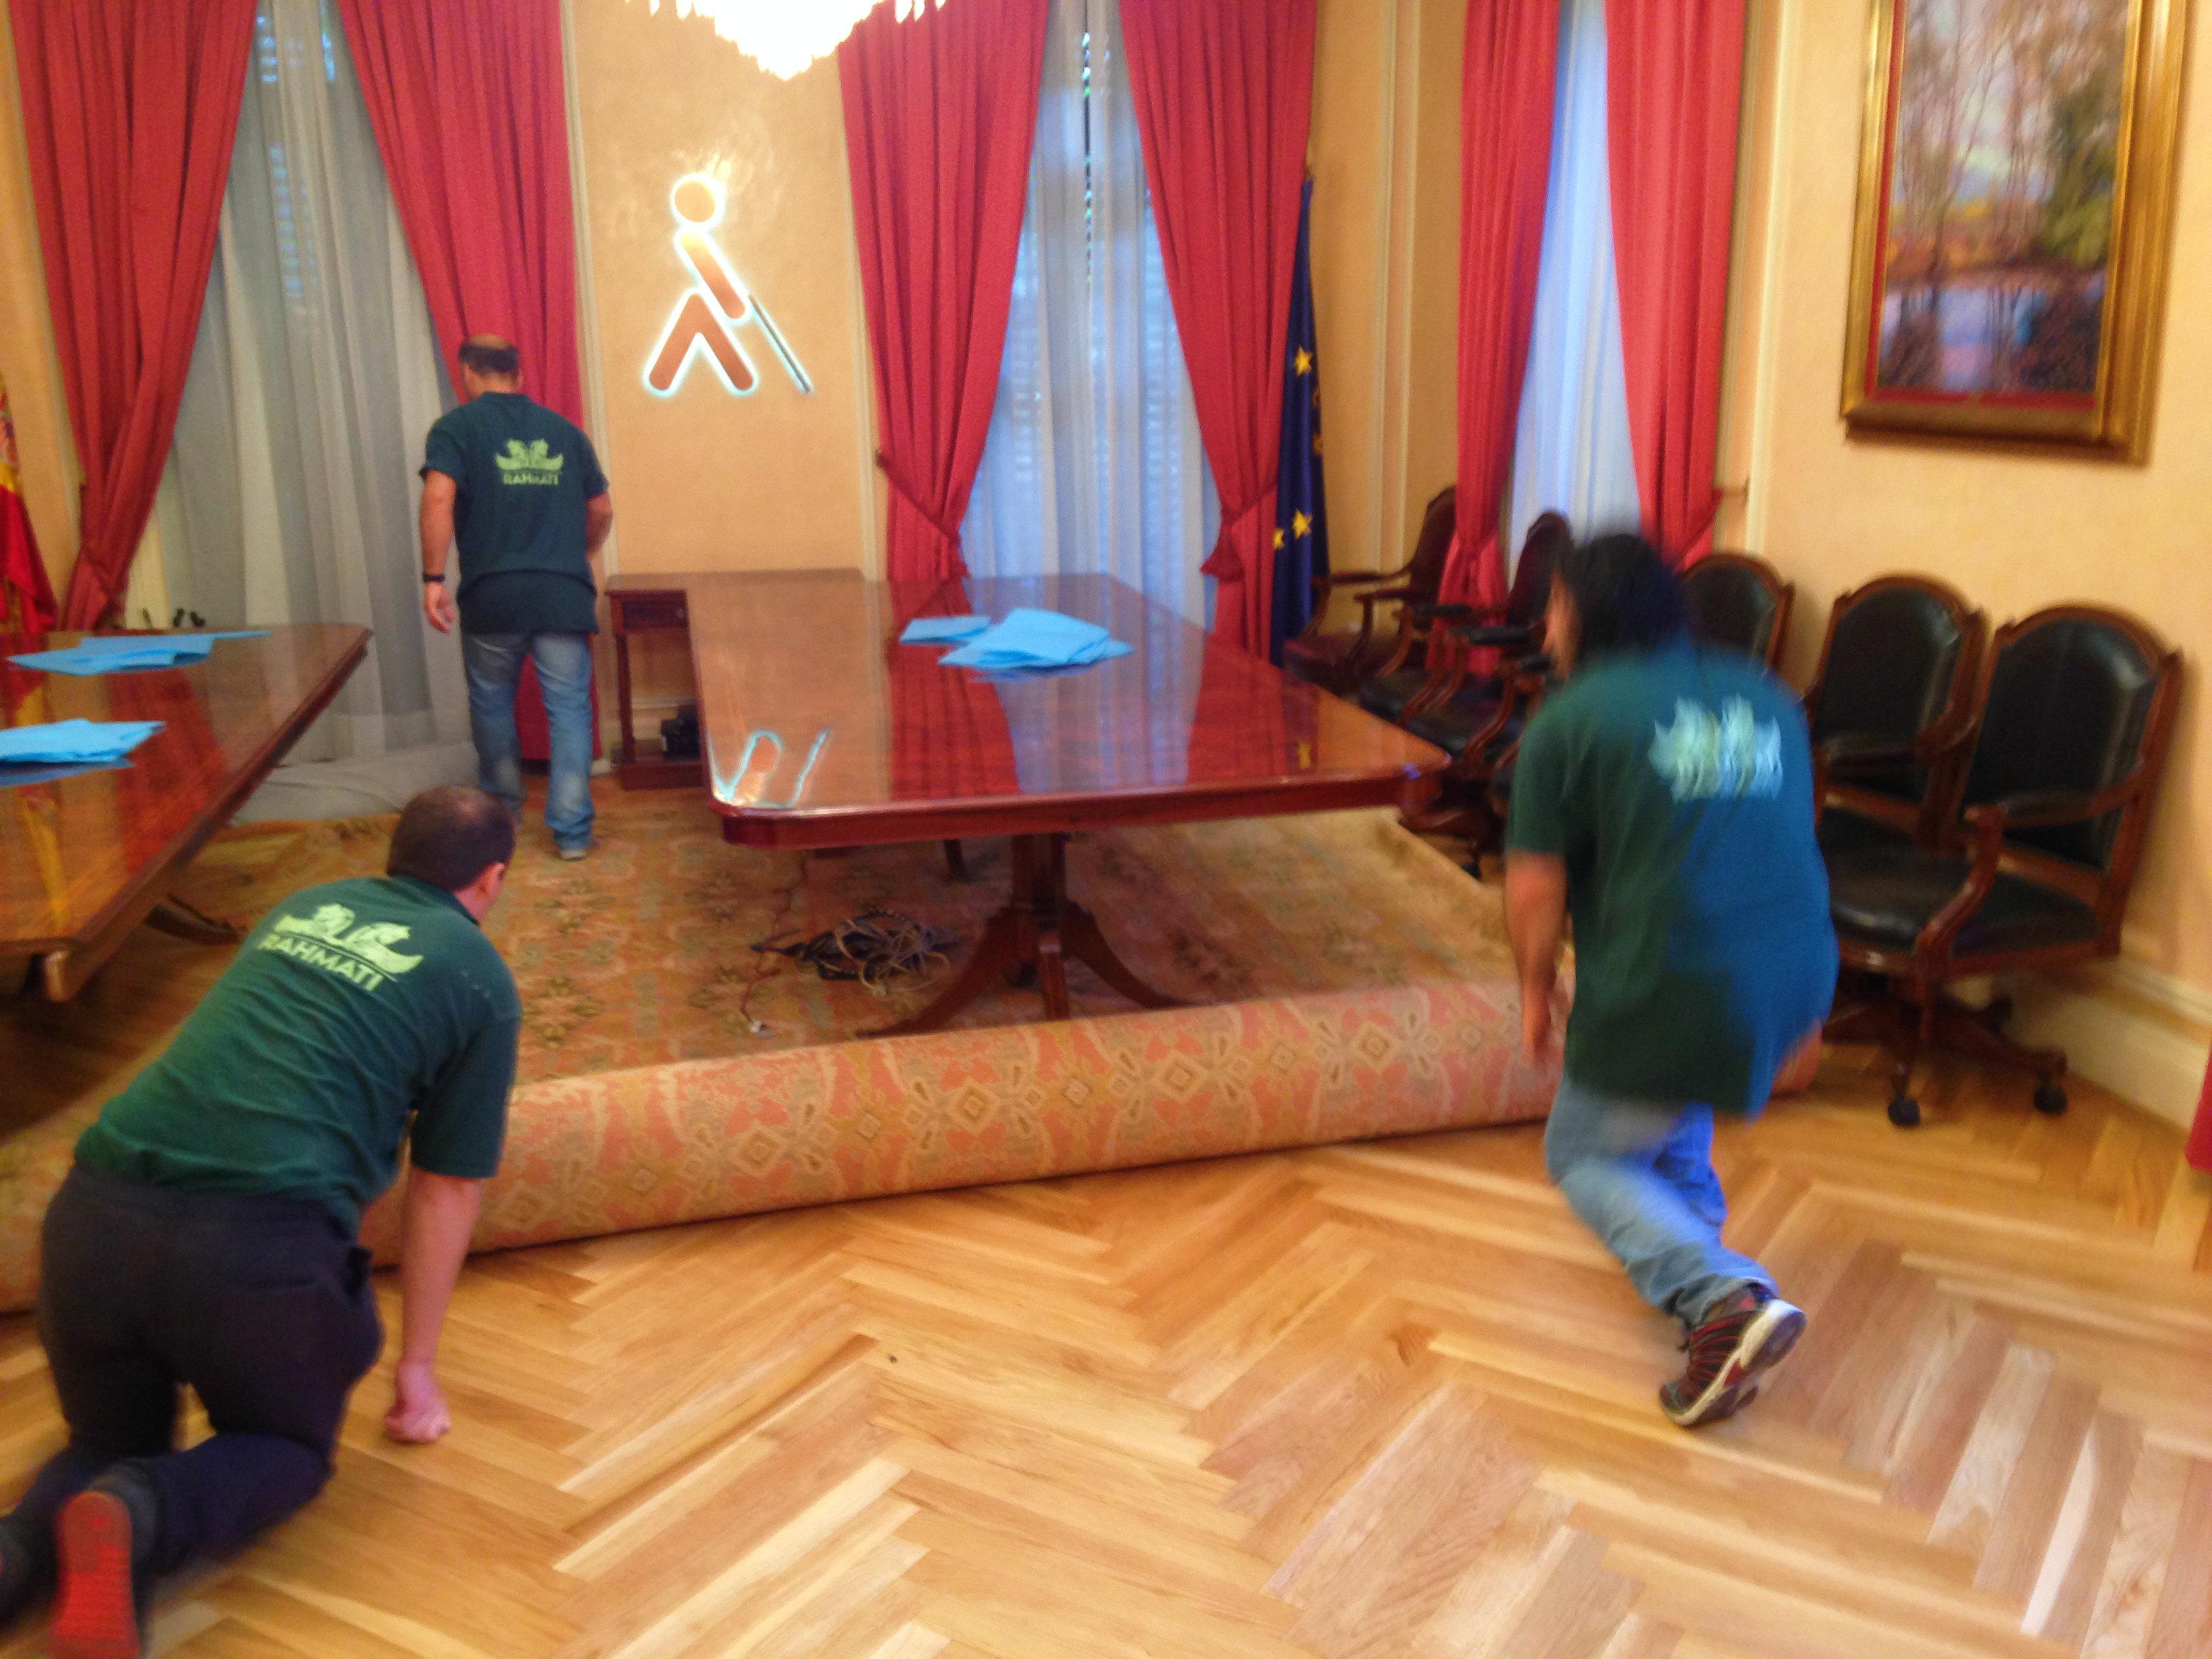 Mantenimiento de alfombras Once